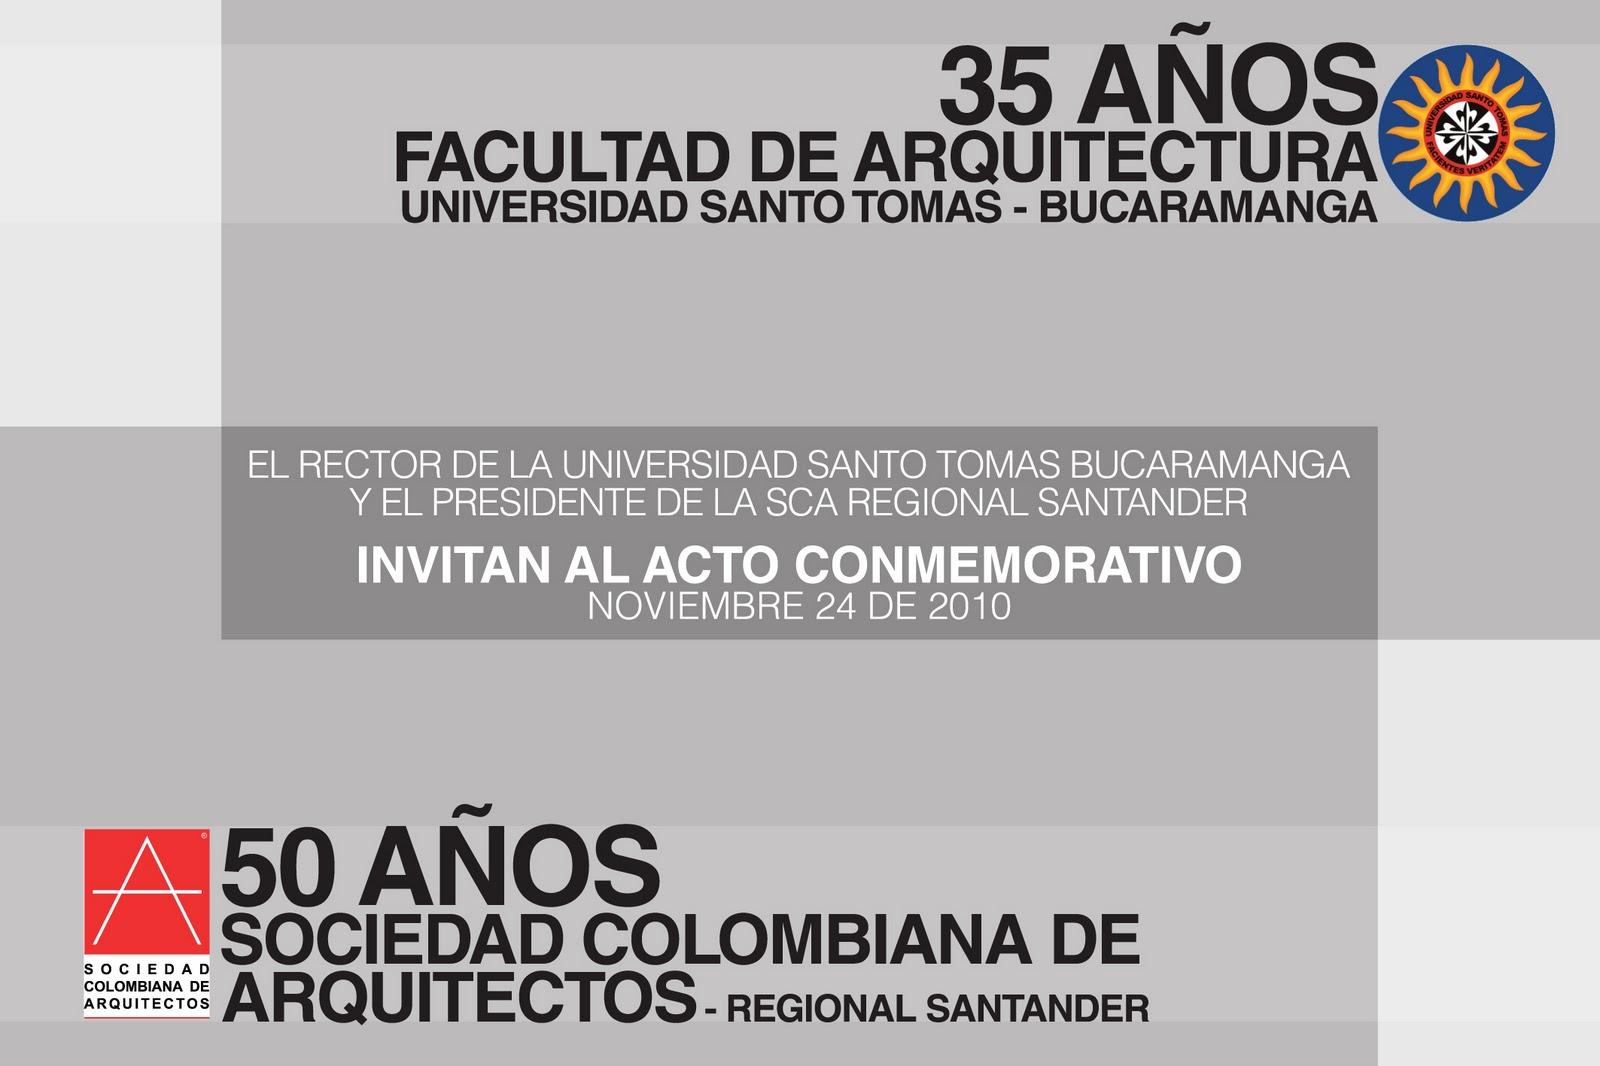 Universidad santo tomas facultad de arquitectura - Sociedad de arquitectos ...